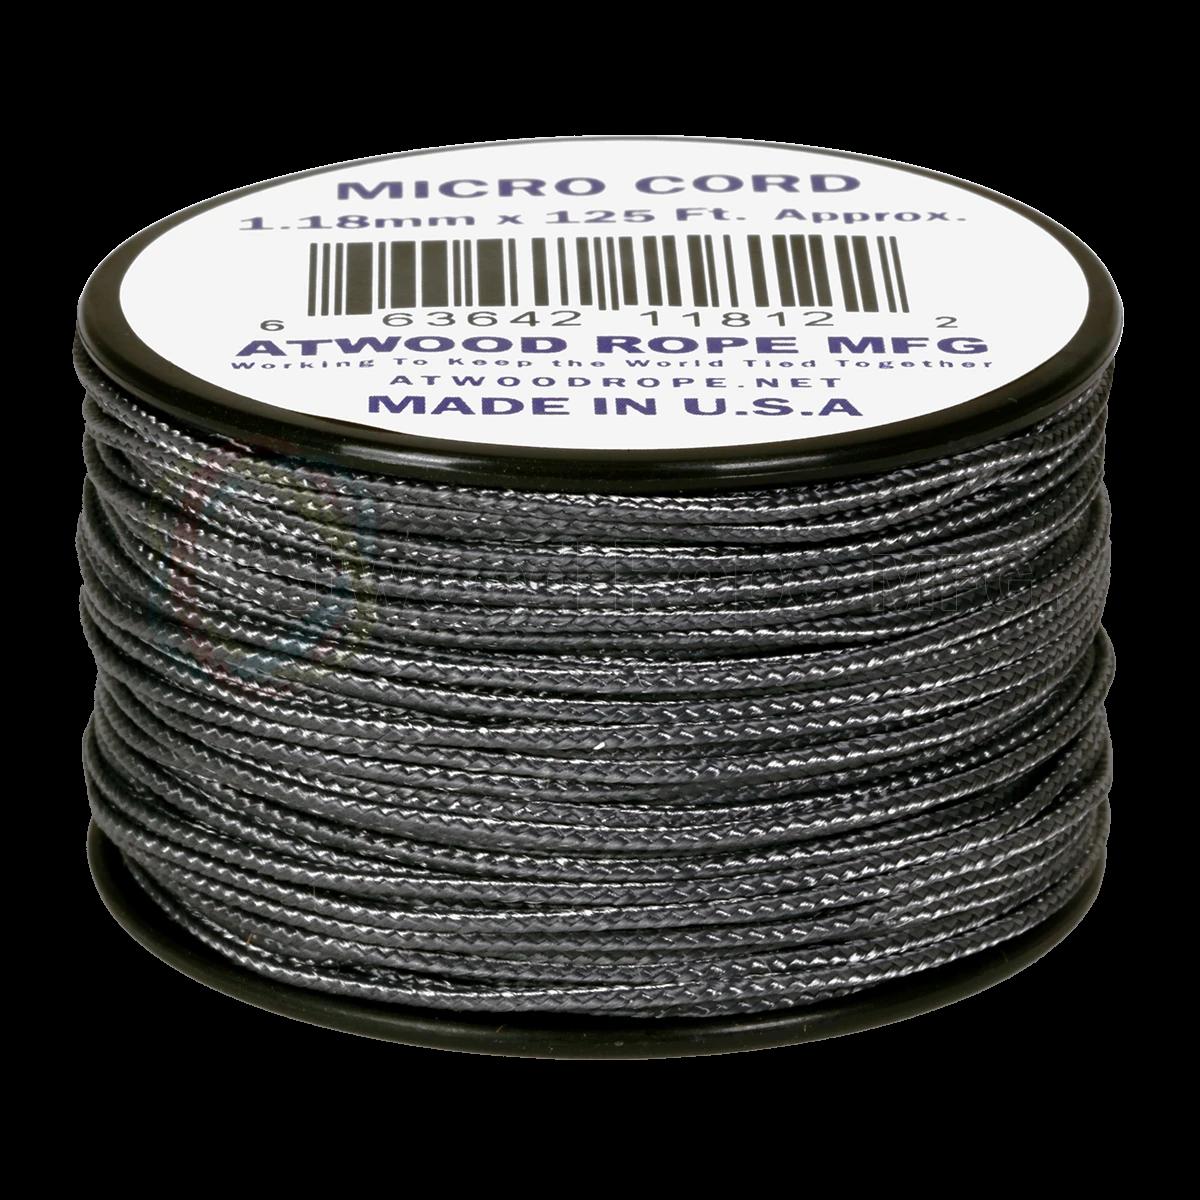 Dụng cụ phượt Dây Micro Cord 1.18mm – 100ft – Graphite